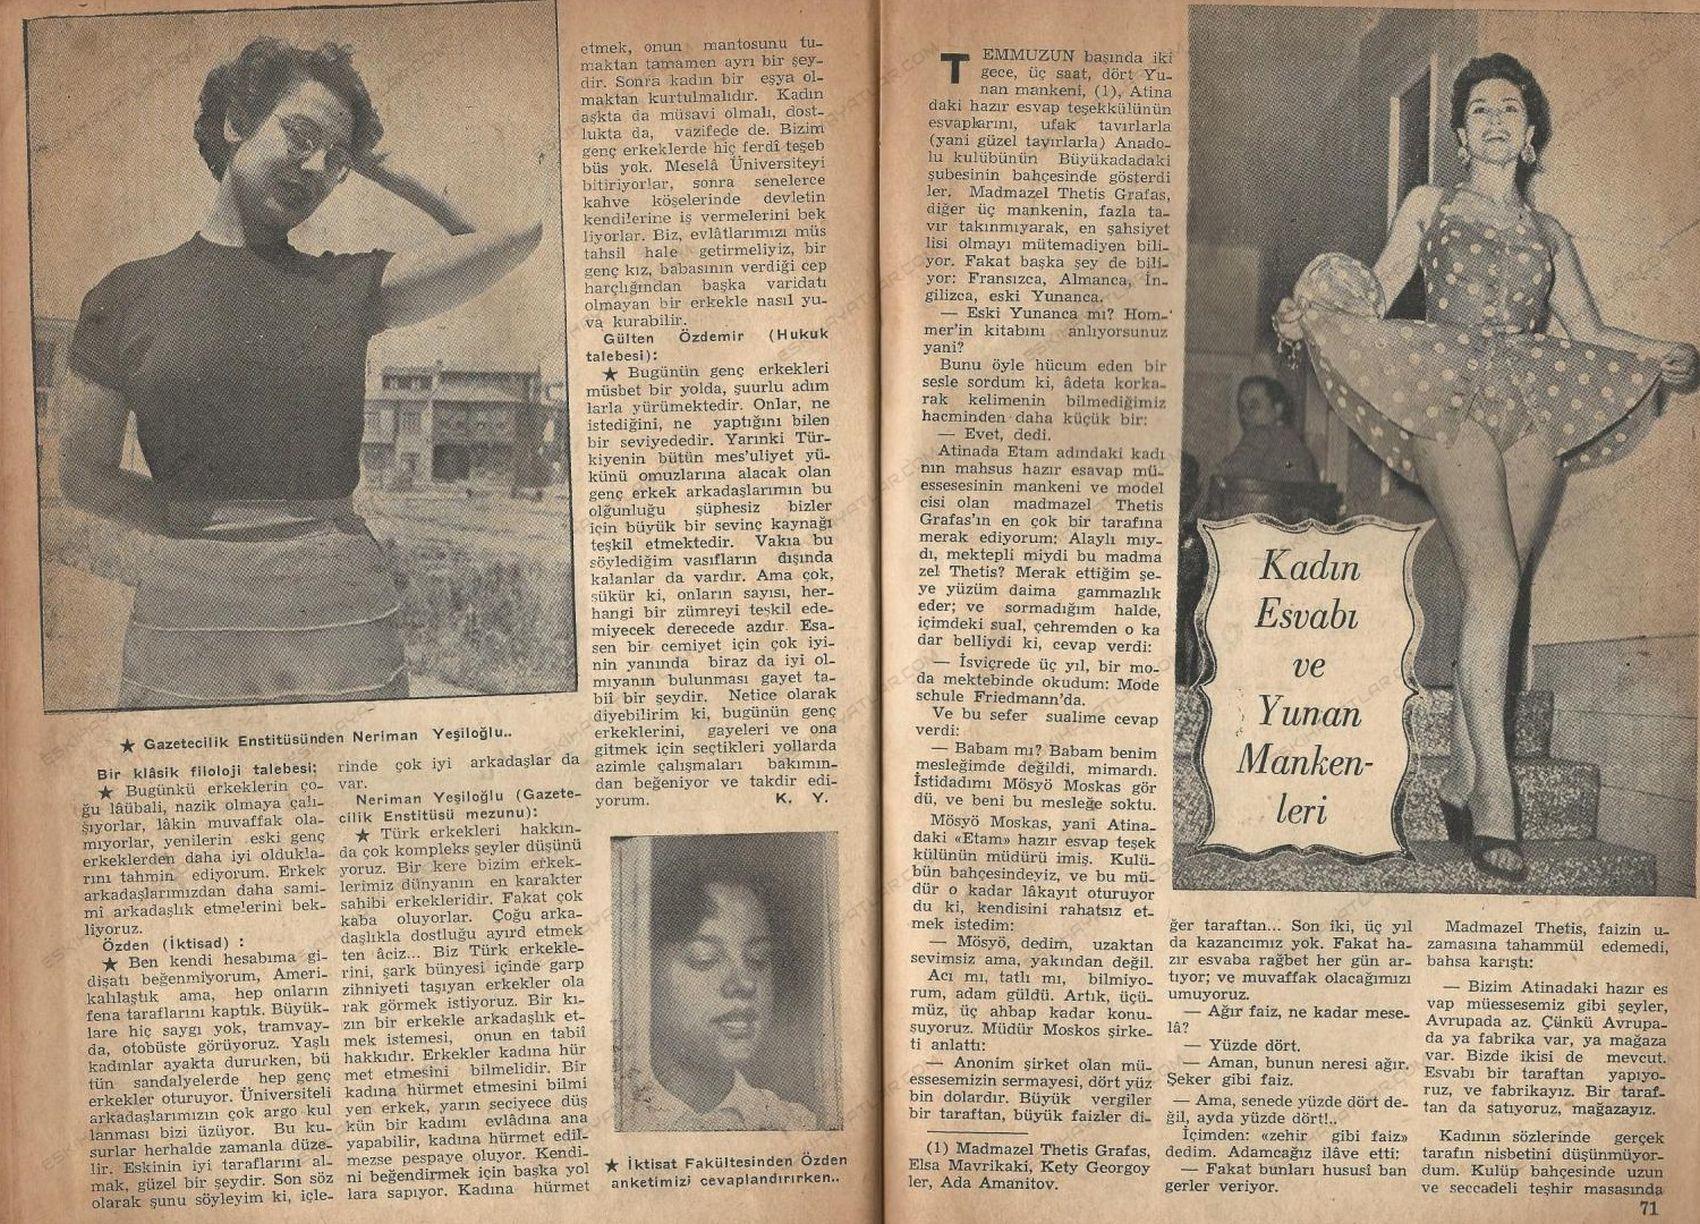 0149-aydabir-dergisi-1953-yusuf-ziya-ortac-ellilerde-genc-kiz-olmak-ellili-yillarda-universite-ogrencisi-kizlar-4